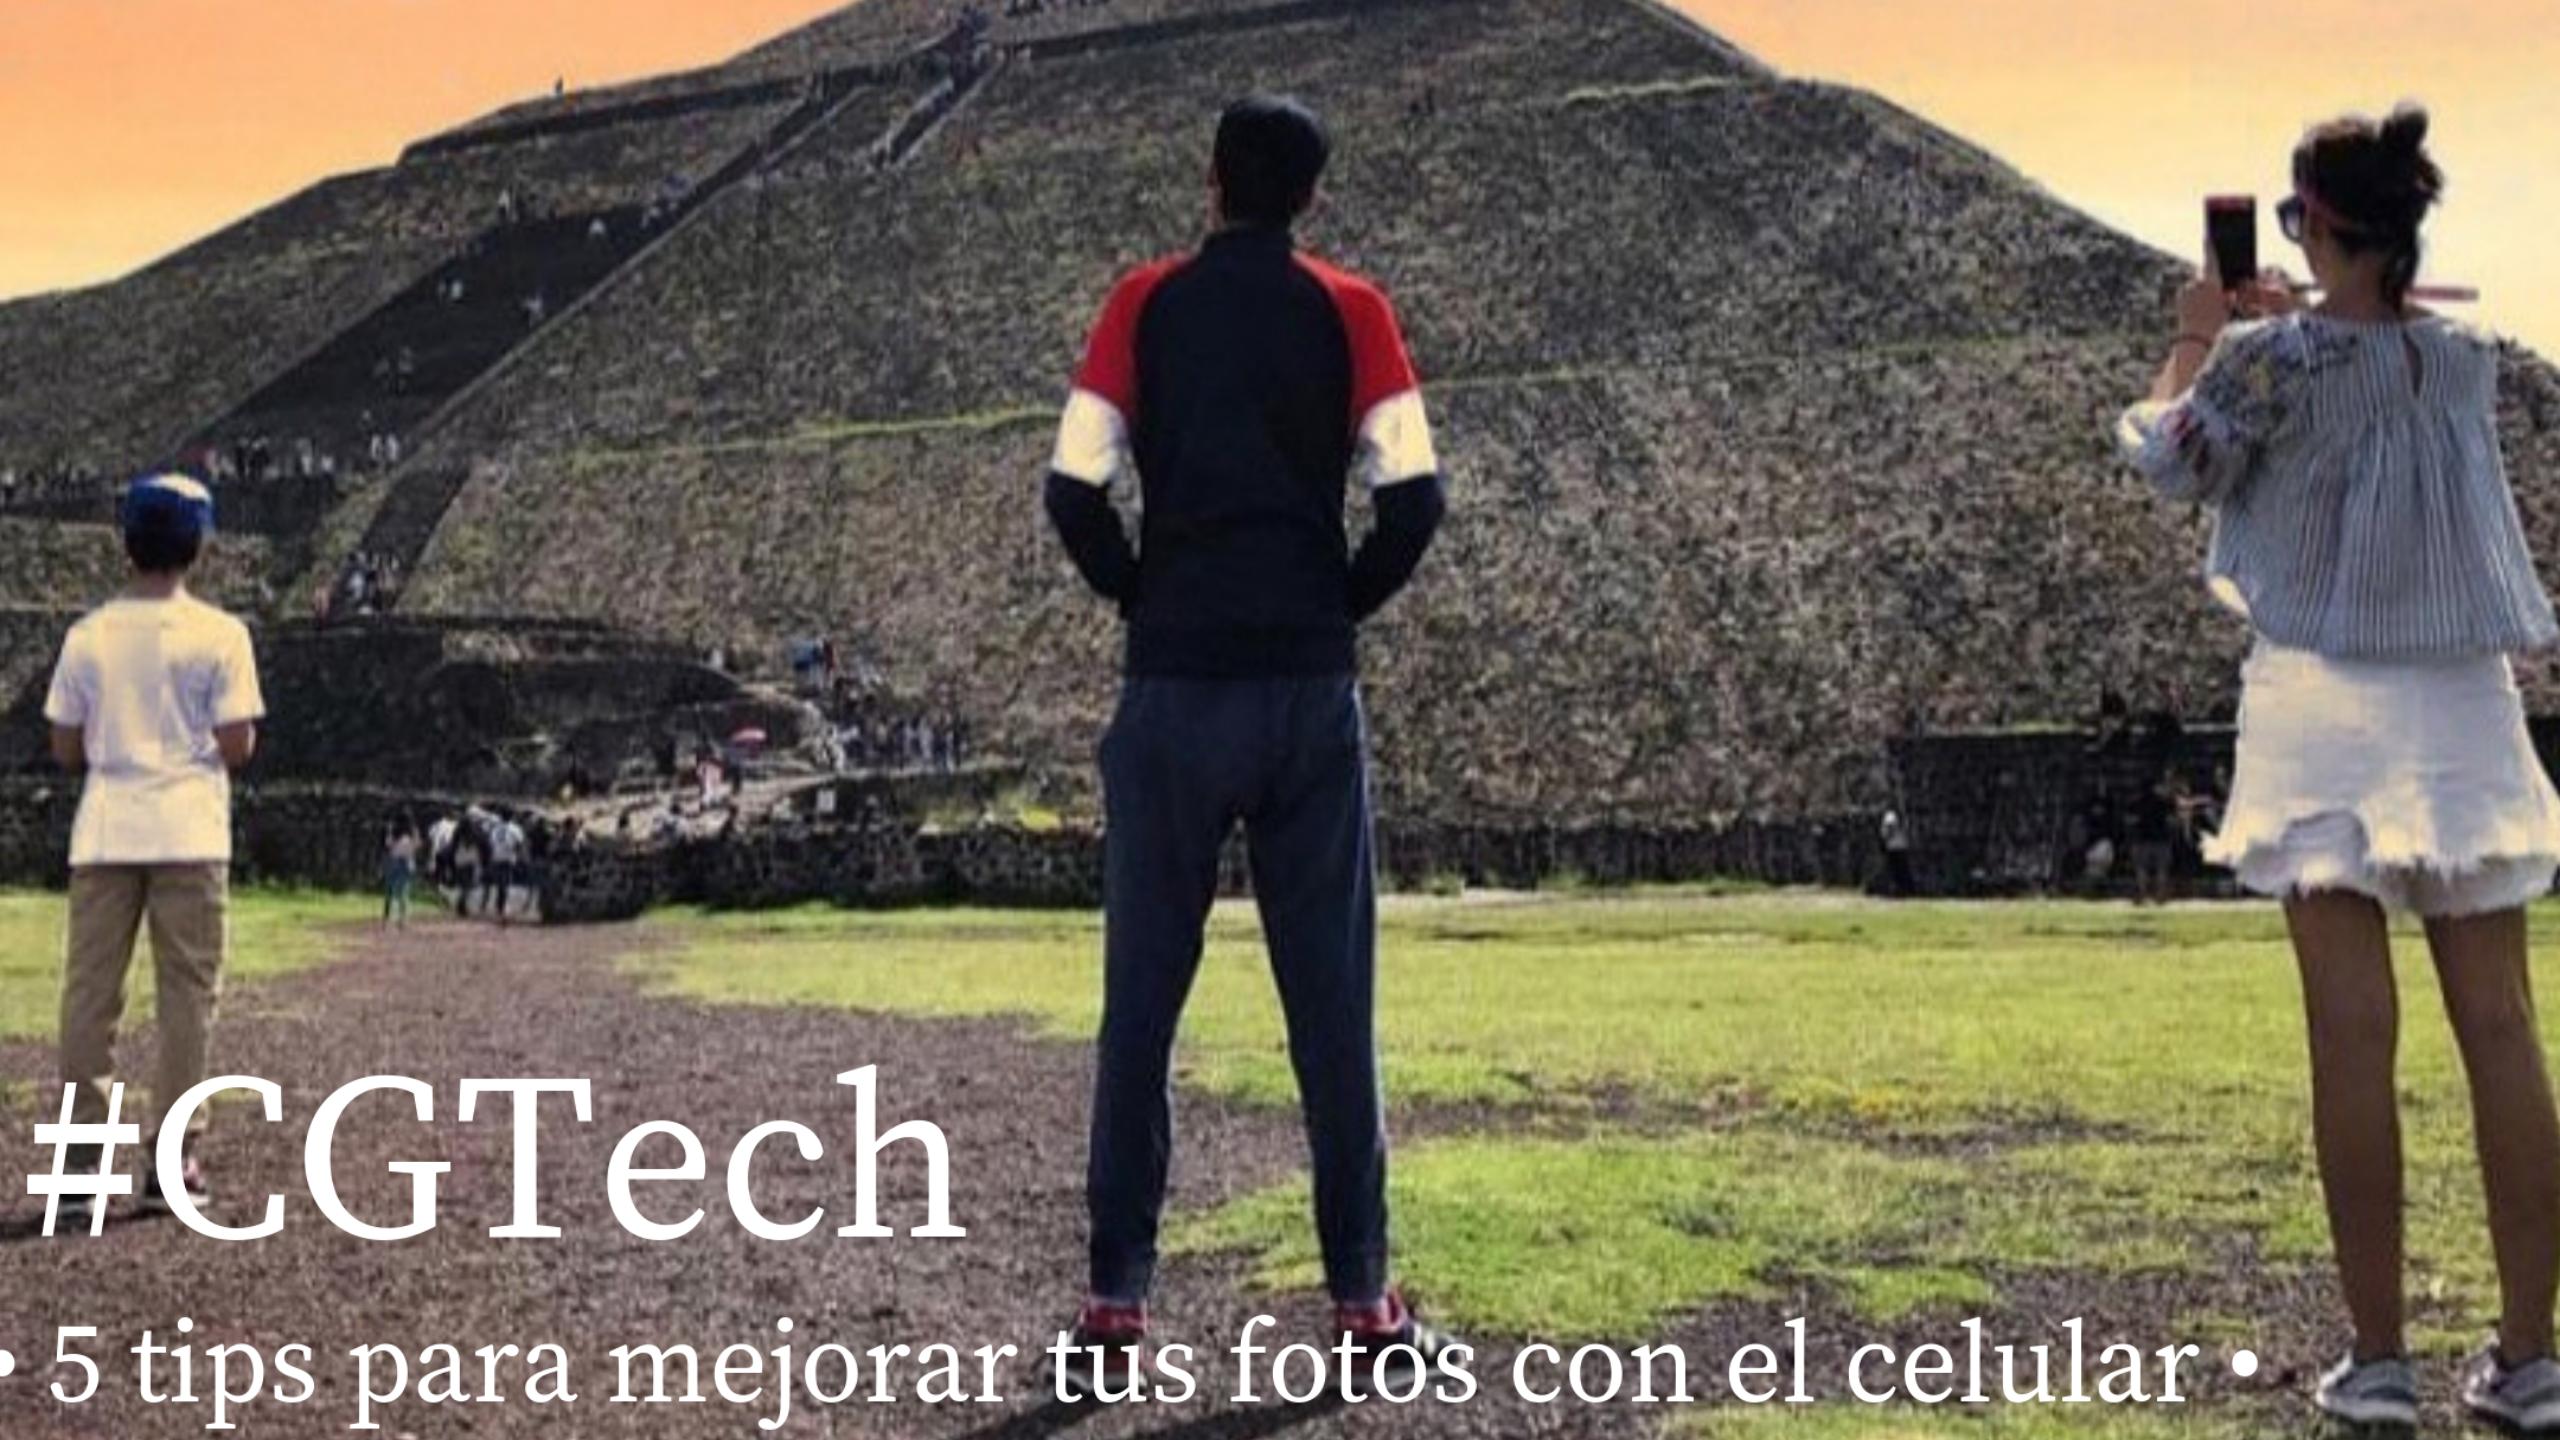 #CGTech 5 tips para mejorar tus fotos con celular